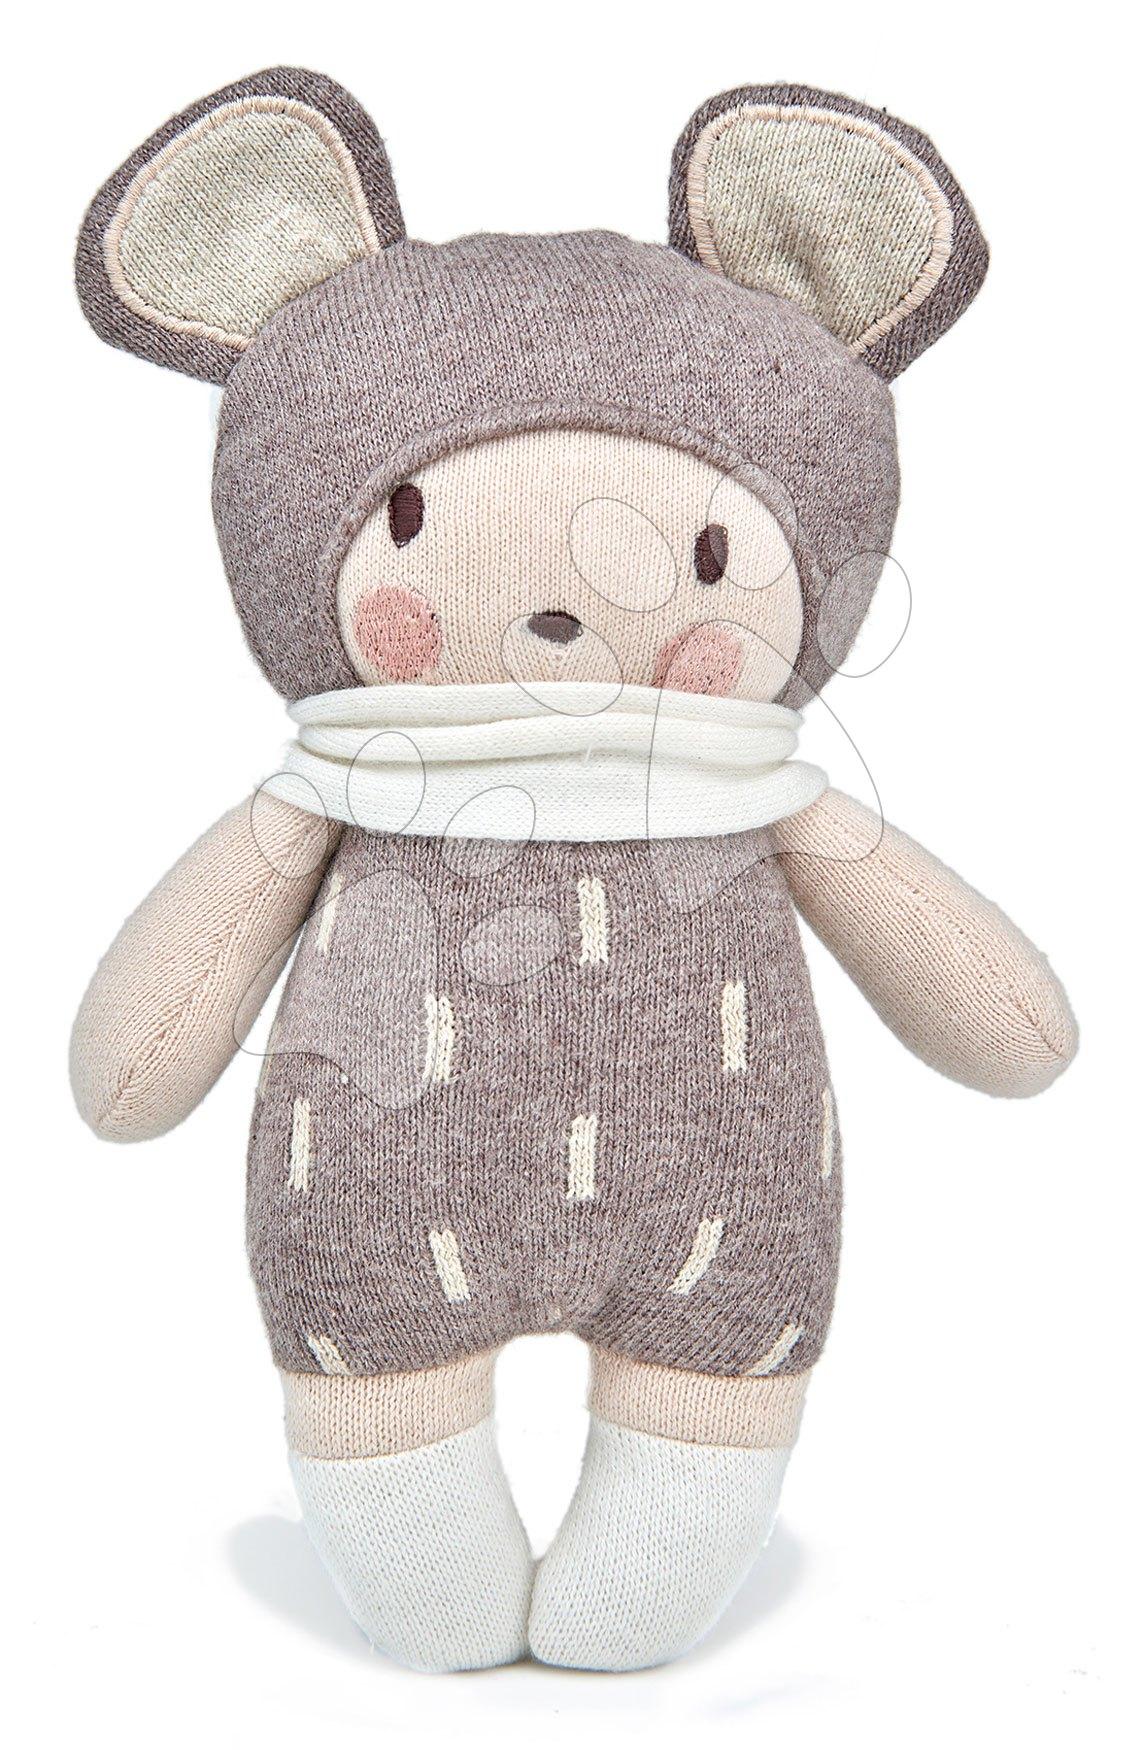 Panenka pletená šedá Baby Beau Knitted Doll ThreadBear 24 cm z jemné a měkké bavlny v dárkovém balení od 0 měsíců